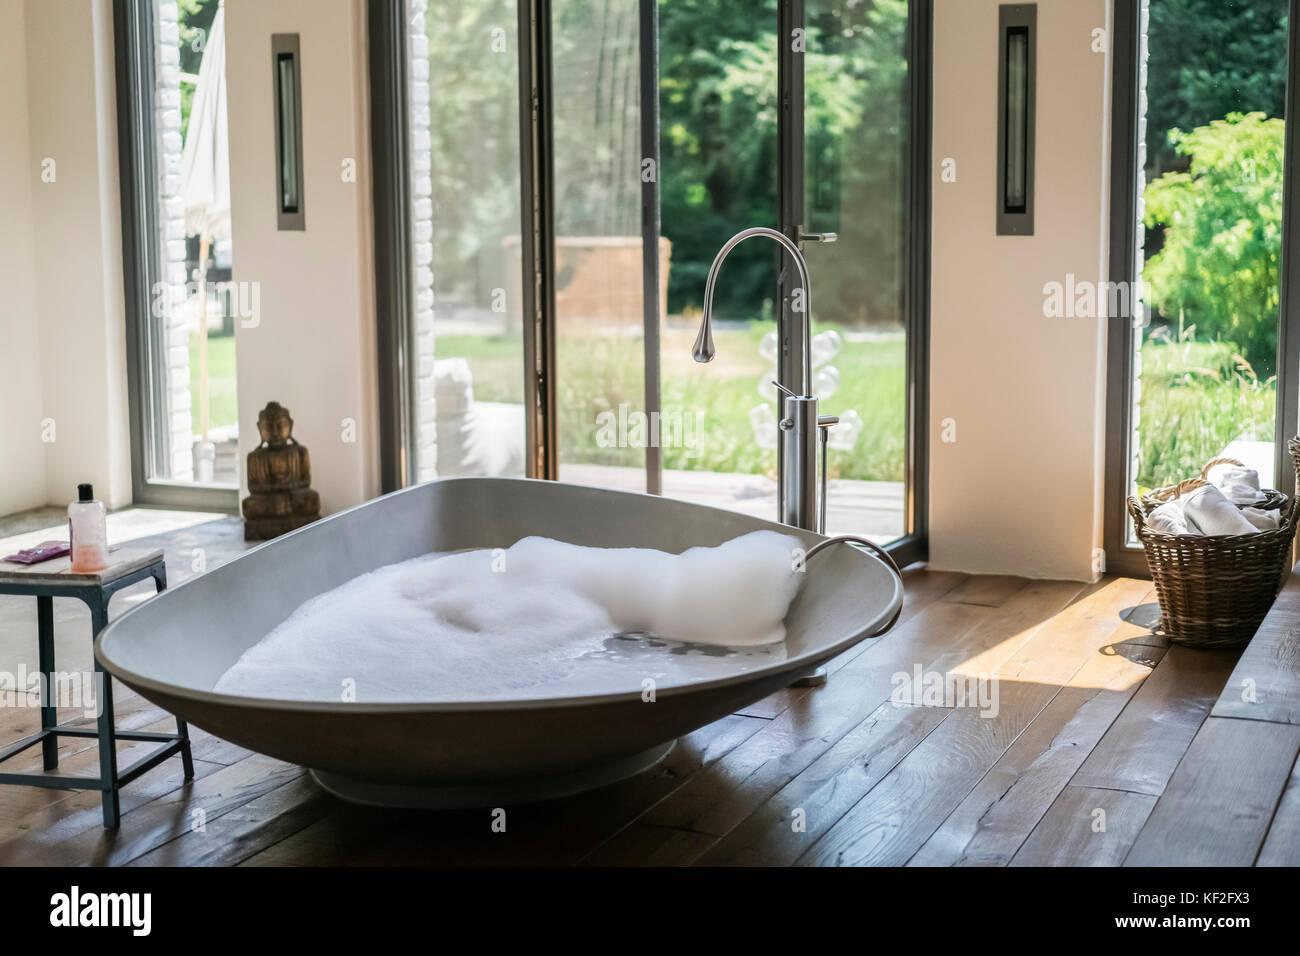 Bagni Per Case Di Campagna : Interno di un lussuoso bagno in una casa di campagna foto & immagine